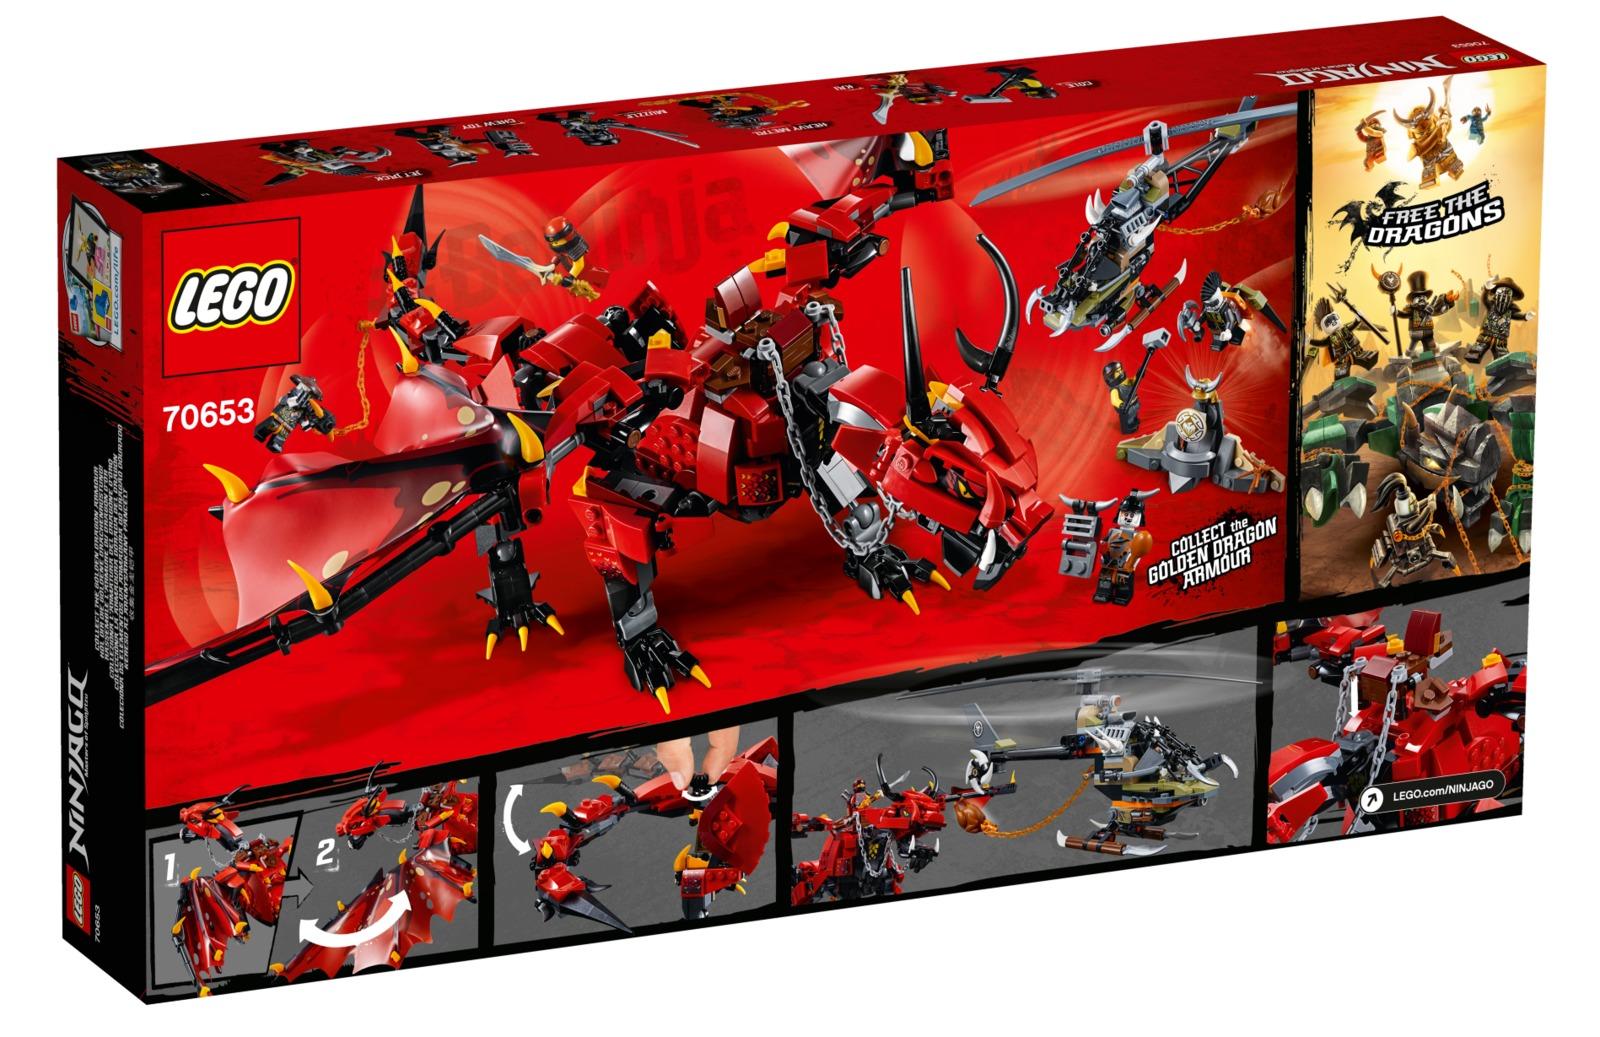 LEGO Ninjago - Firstbourne (70653) image